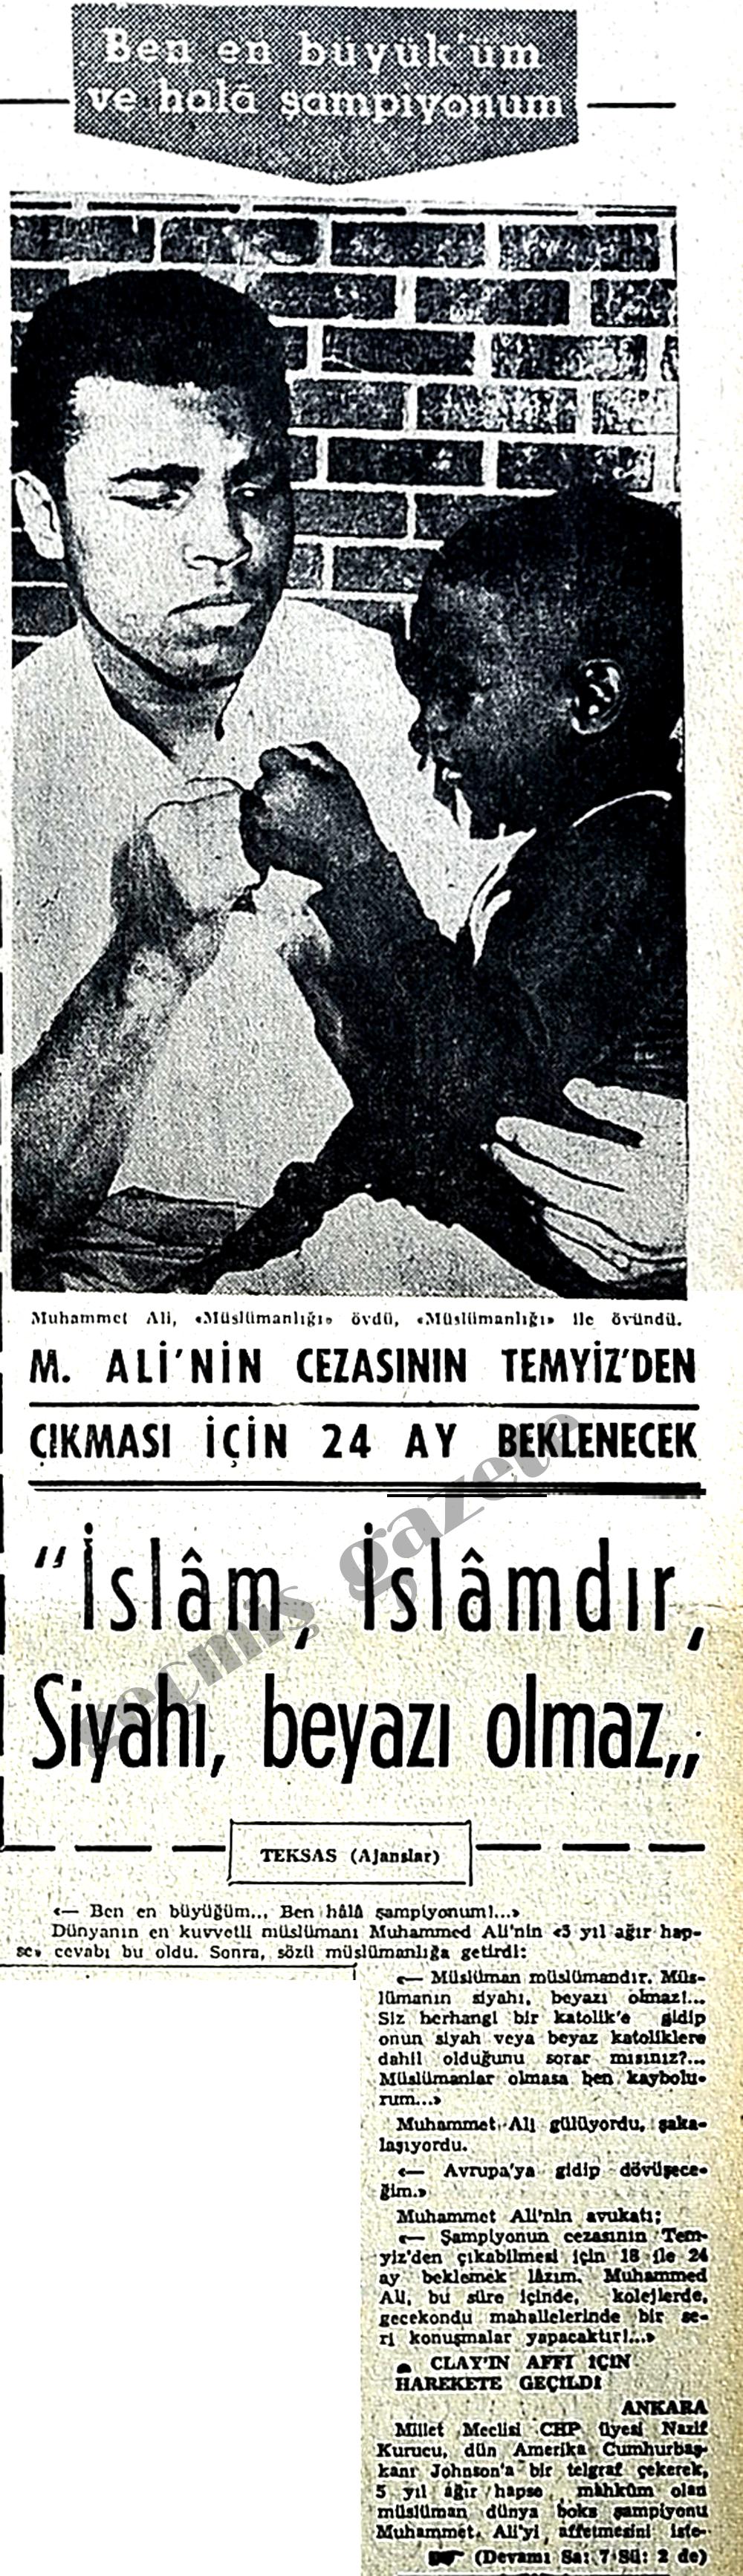 İslam İslamdır, siyahı beyazı olmaz